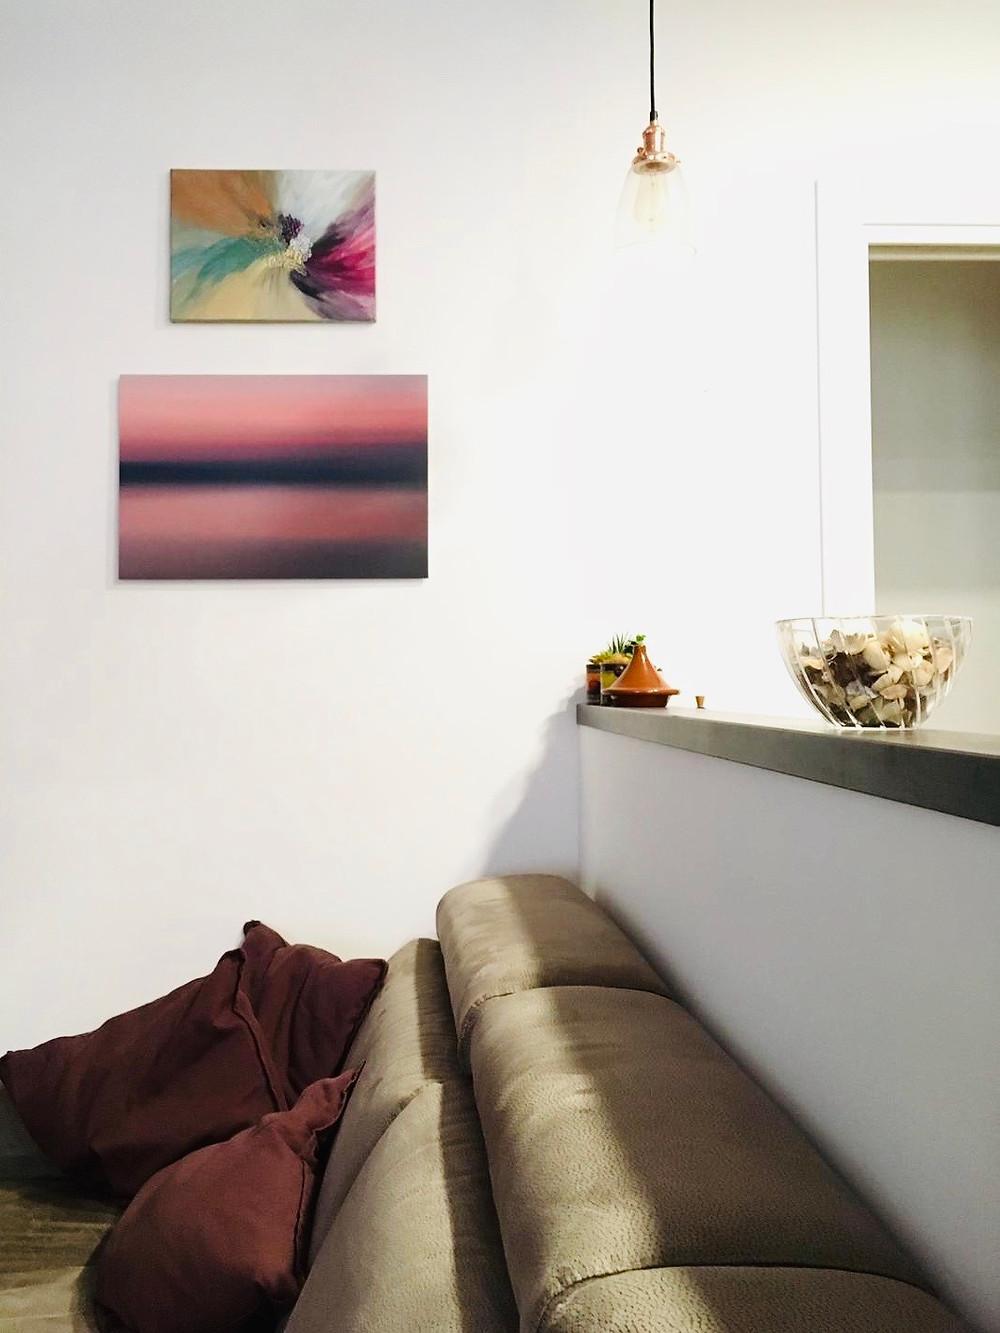 Artworks by Renato Votto (c)